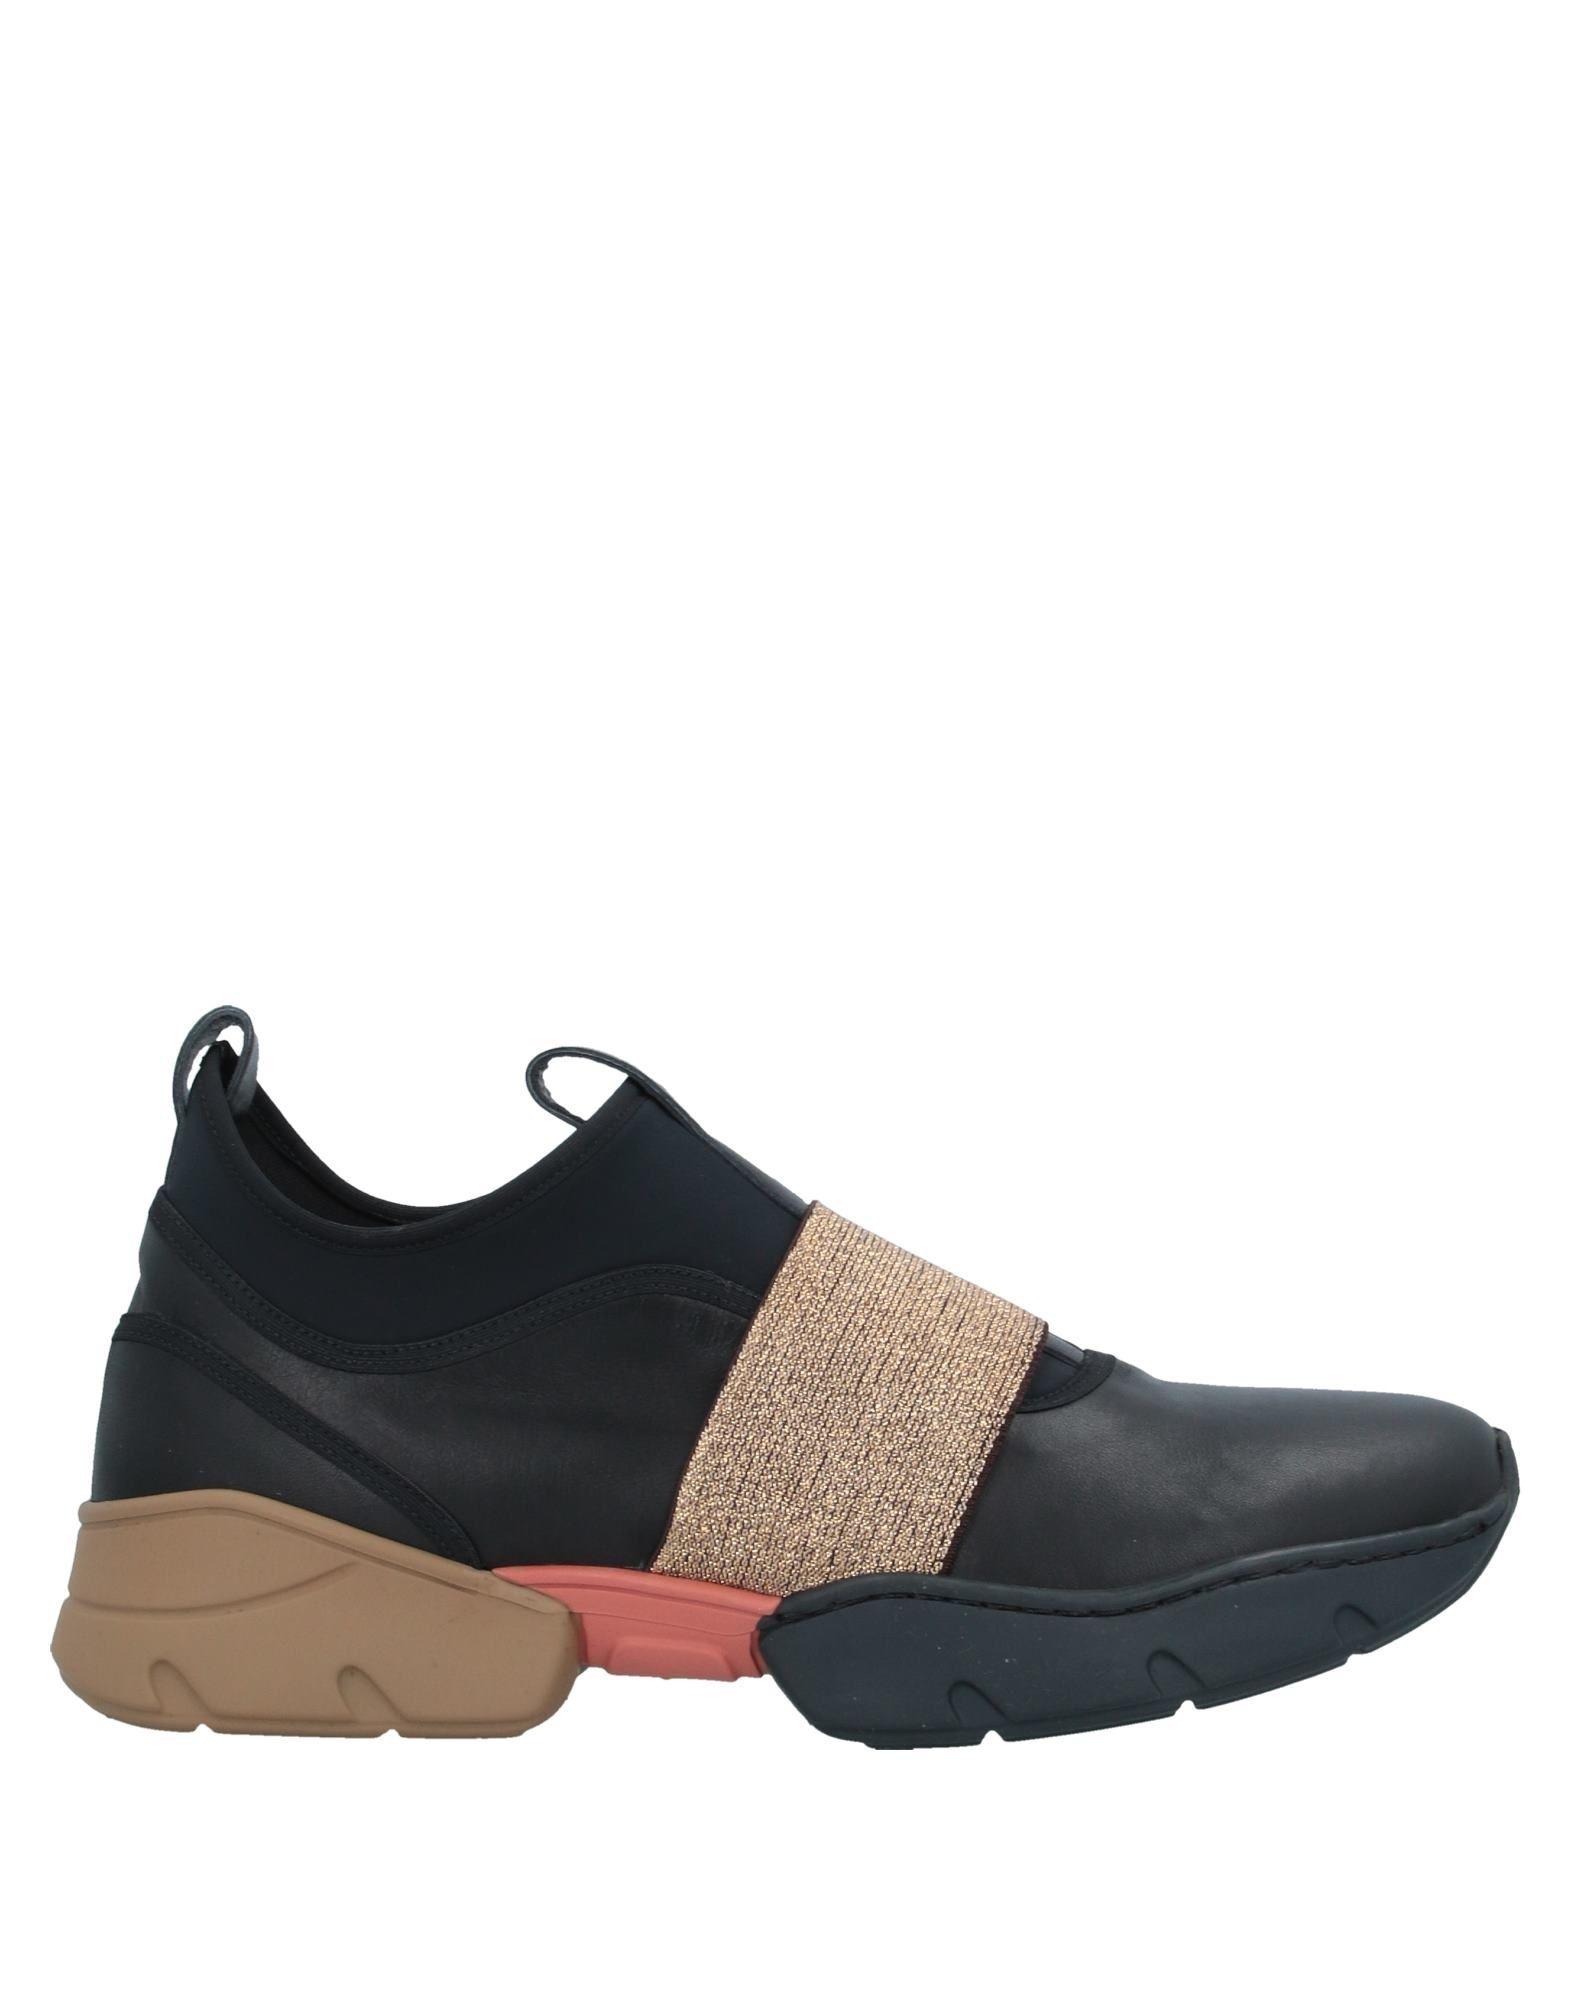 ROSAMUNDA Low-tops & sneakers - Item 11921590